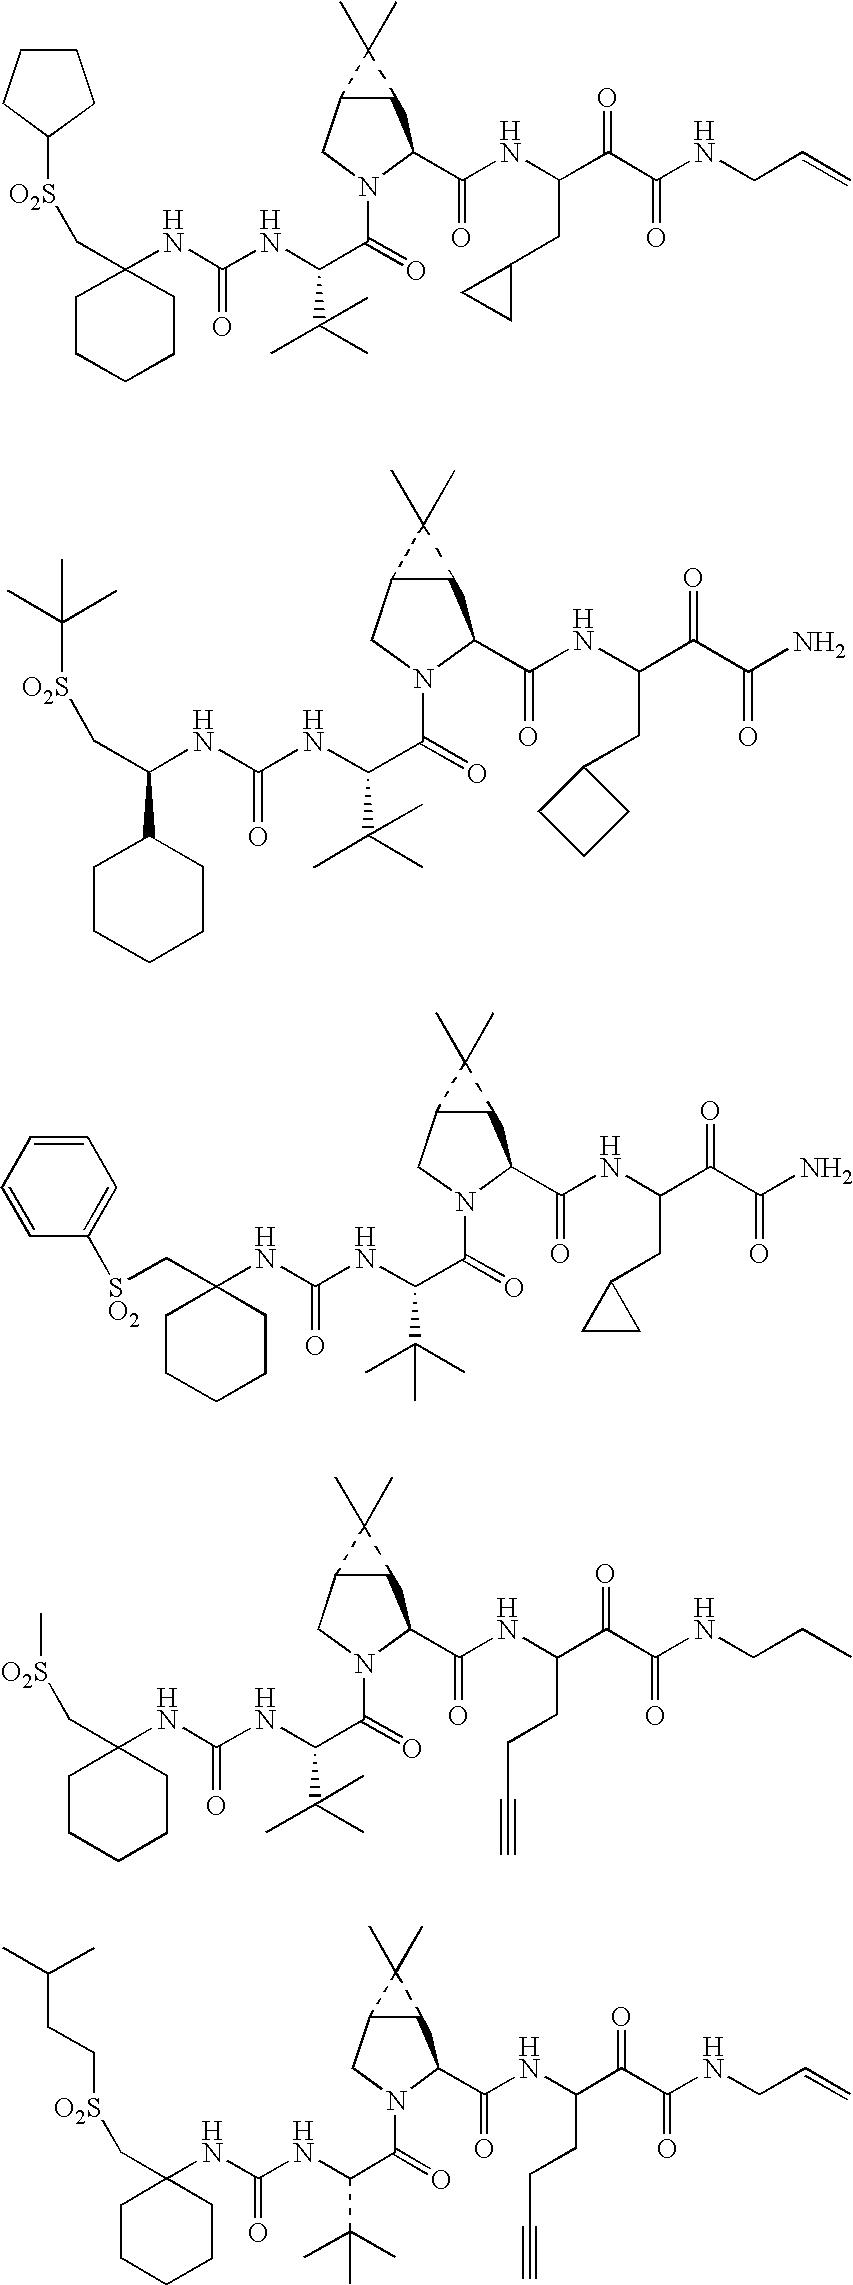 Figure US20060287248A1-20061221-C00448